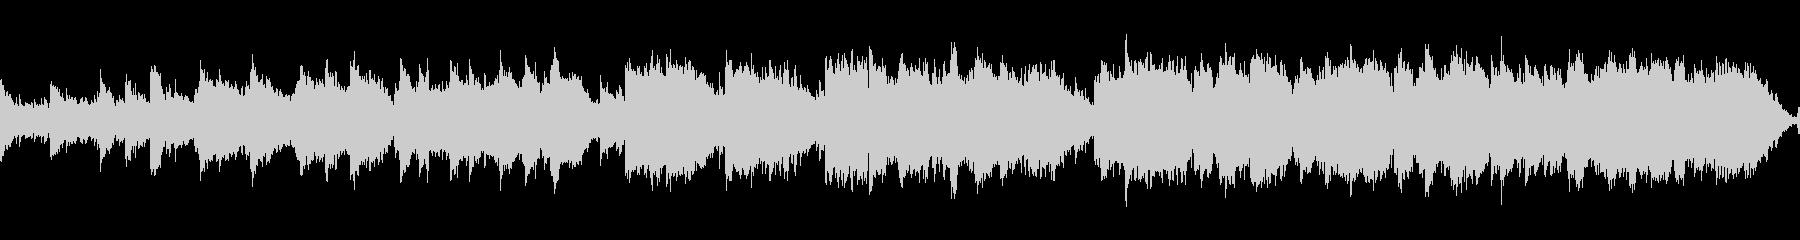 優しいケルト曲(ループ)の未再生の波形